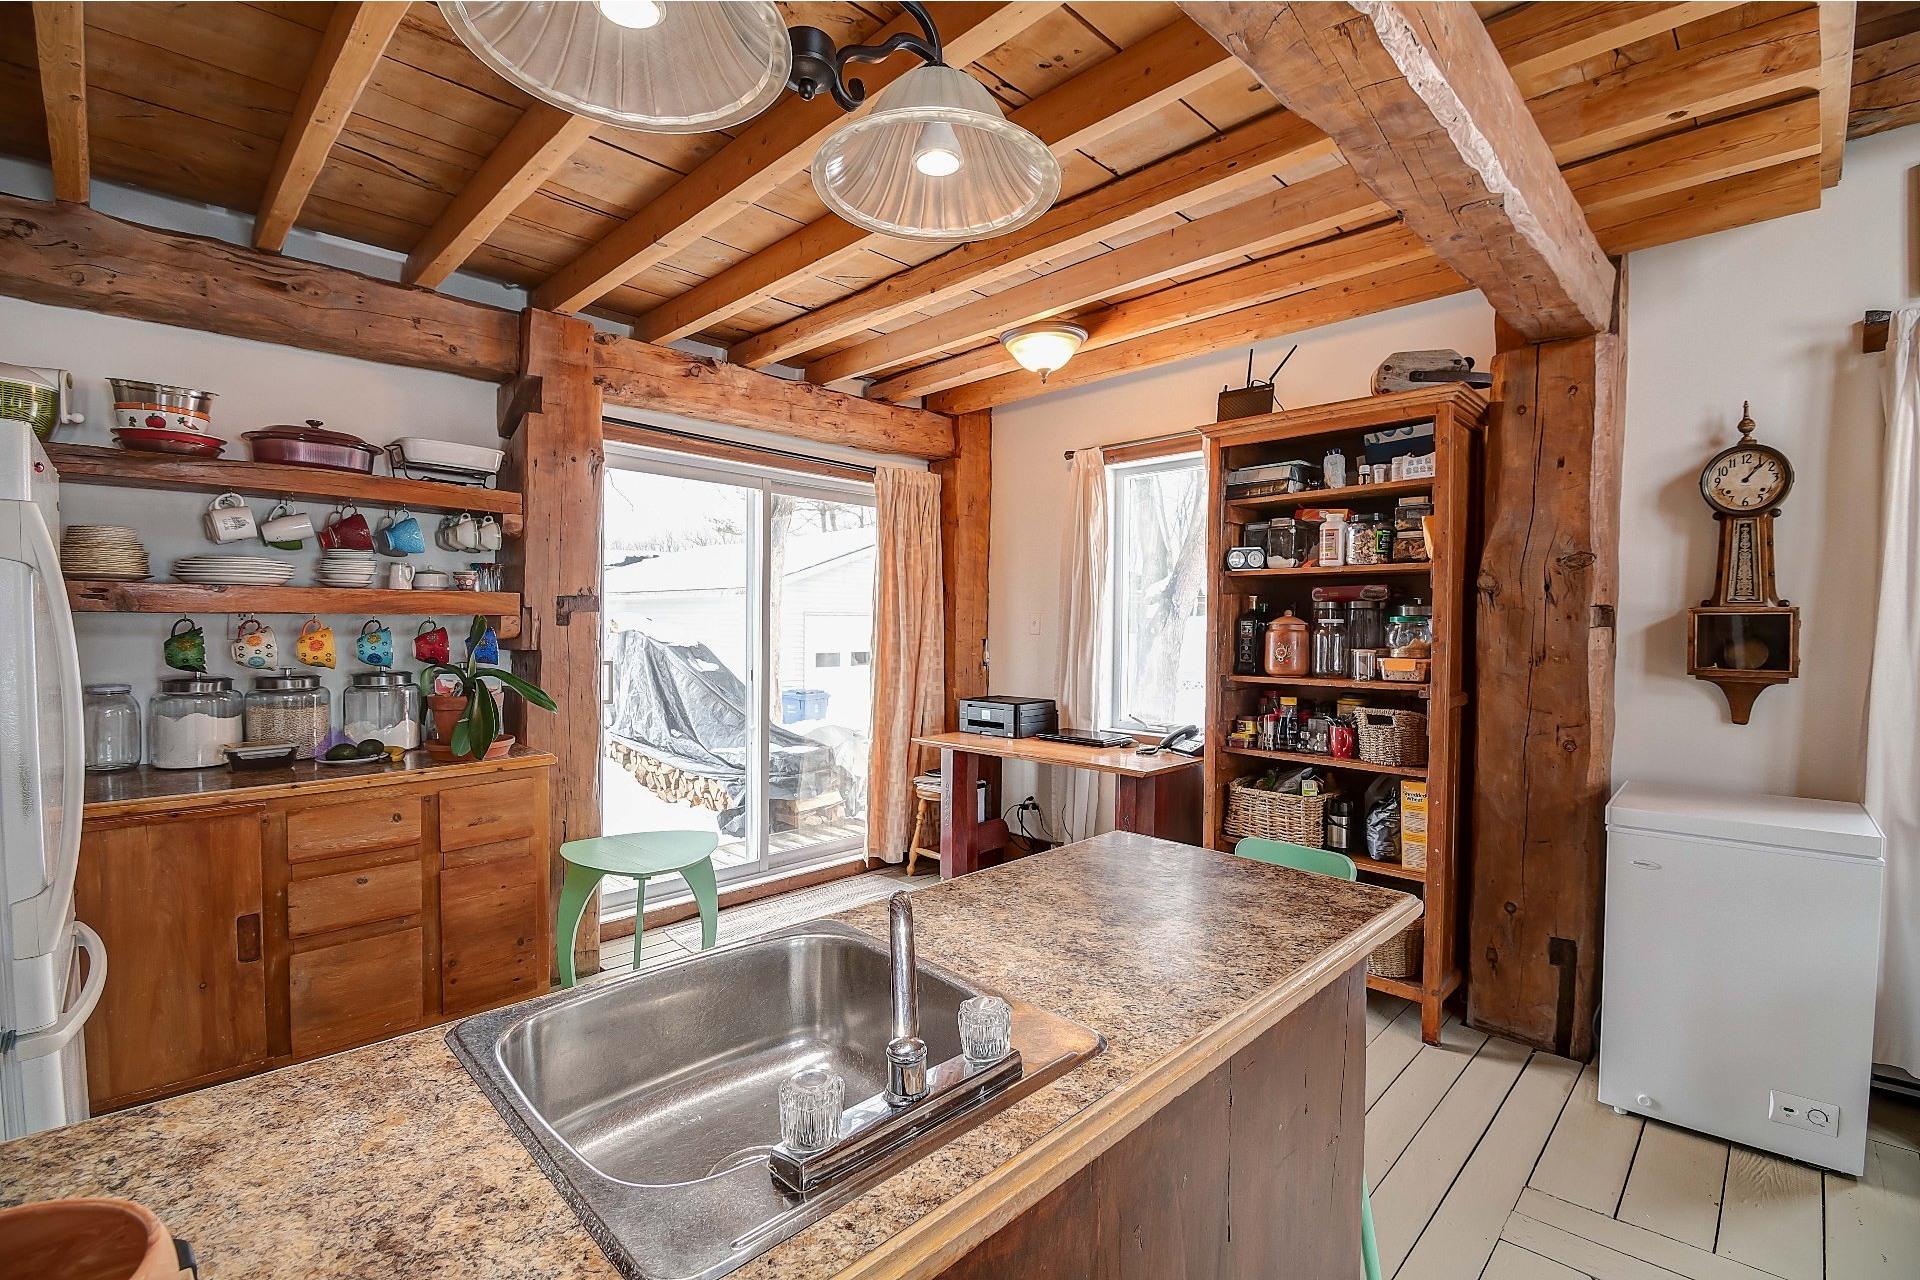 image 4 - Maison À vendre Trois-Rivières - 6 pièces